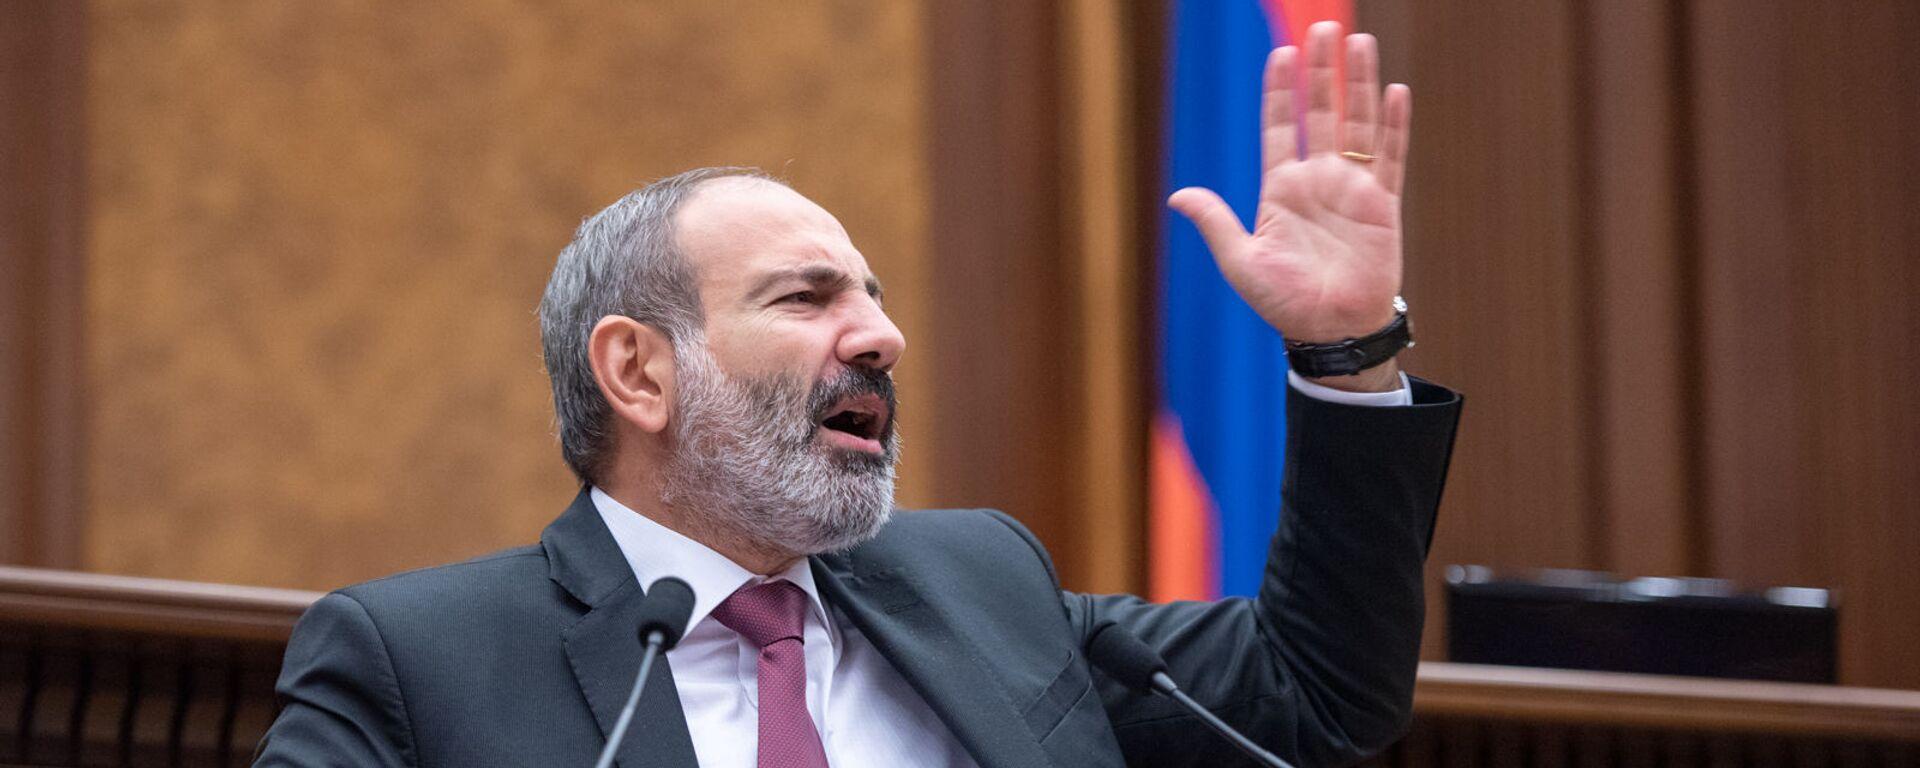 Исполняющий обязанности премьер-министра Армении Никол Пашинян, архивное фото - Sputnik Таджикистан, 1920, 27.12.2020